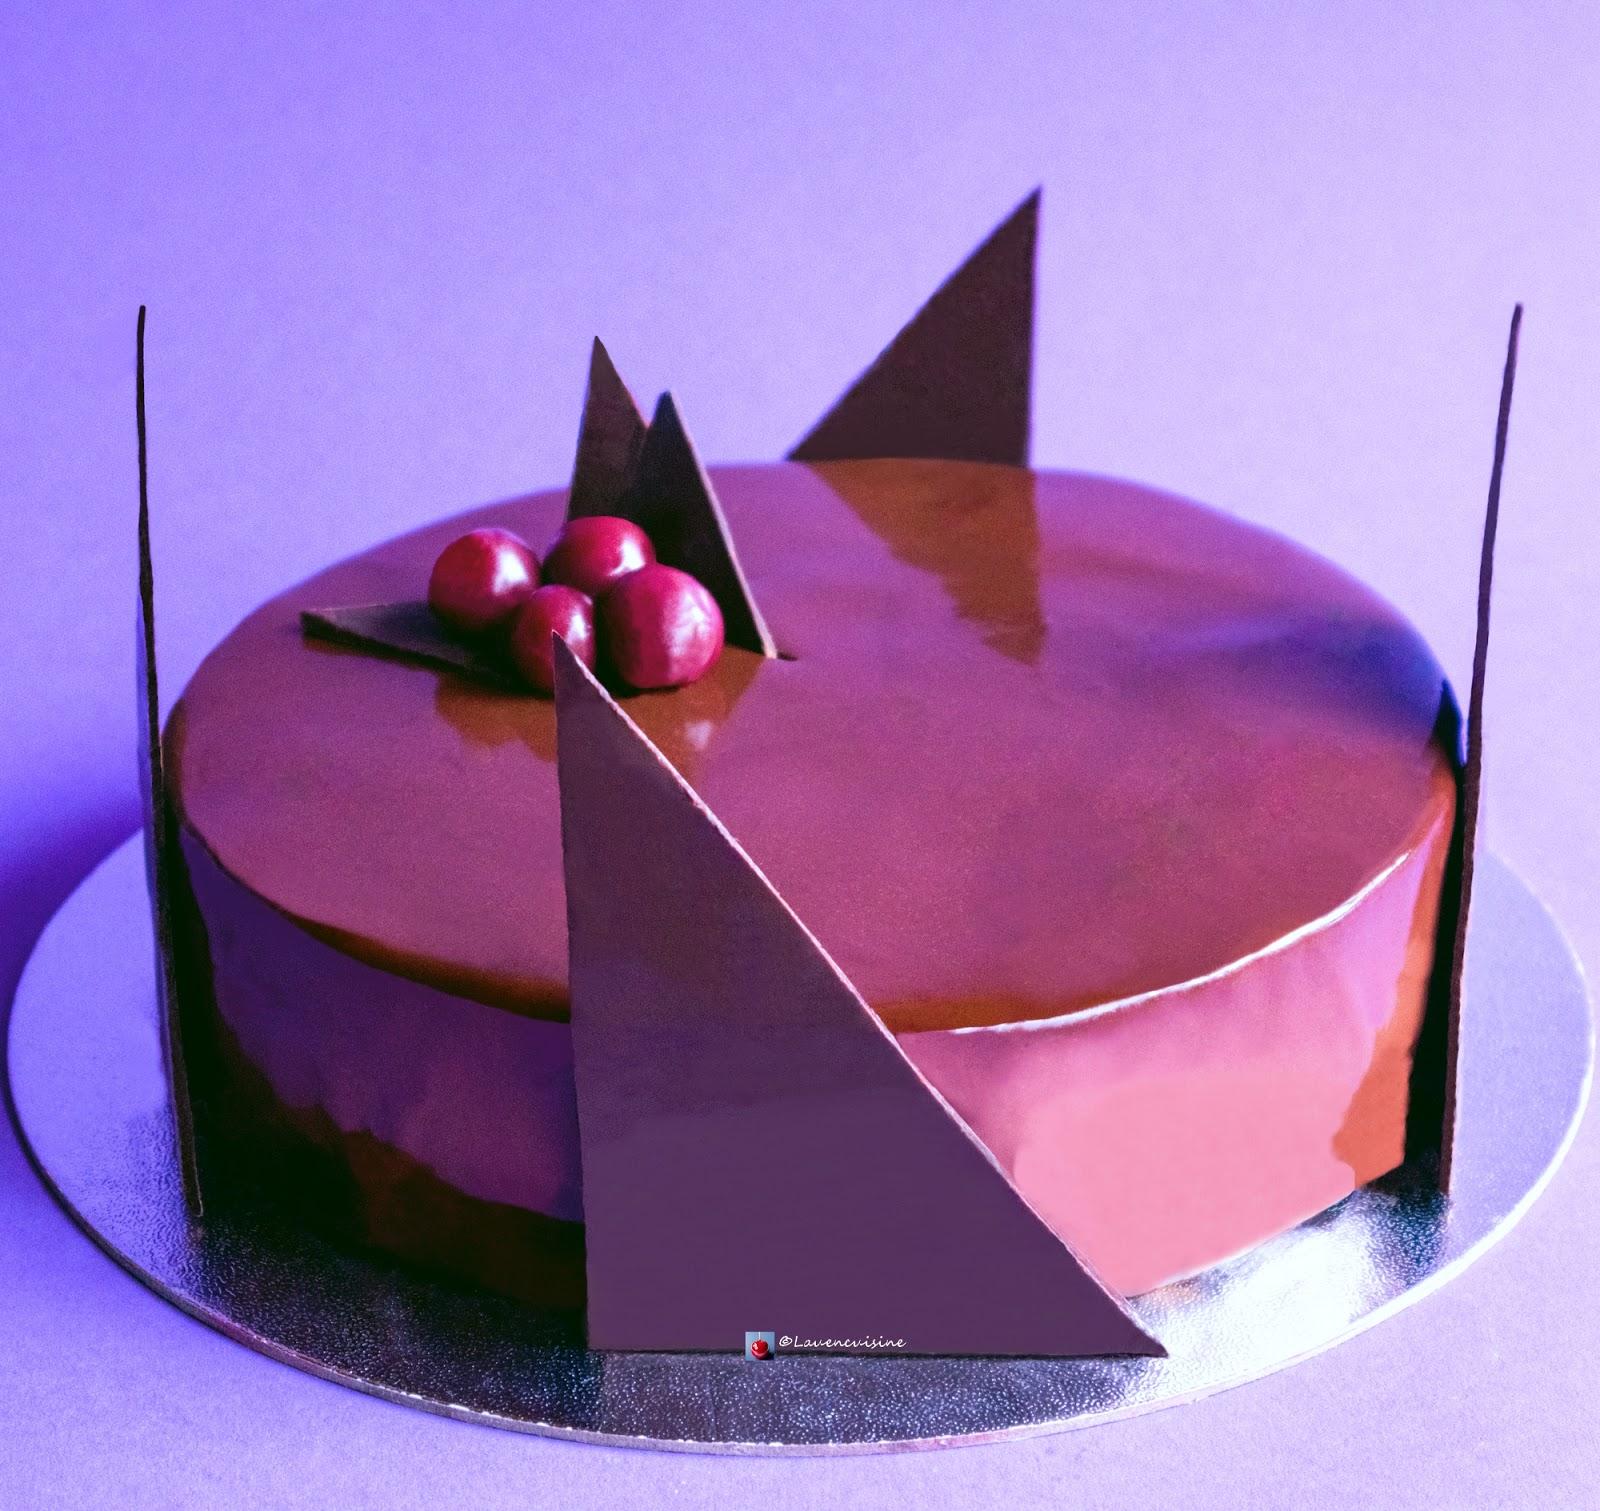 Entremets façon forêt noire mousse au chocolat Lau en cuisine